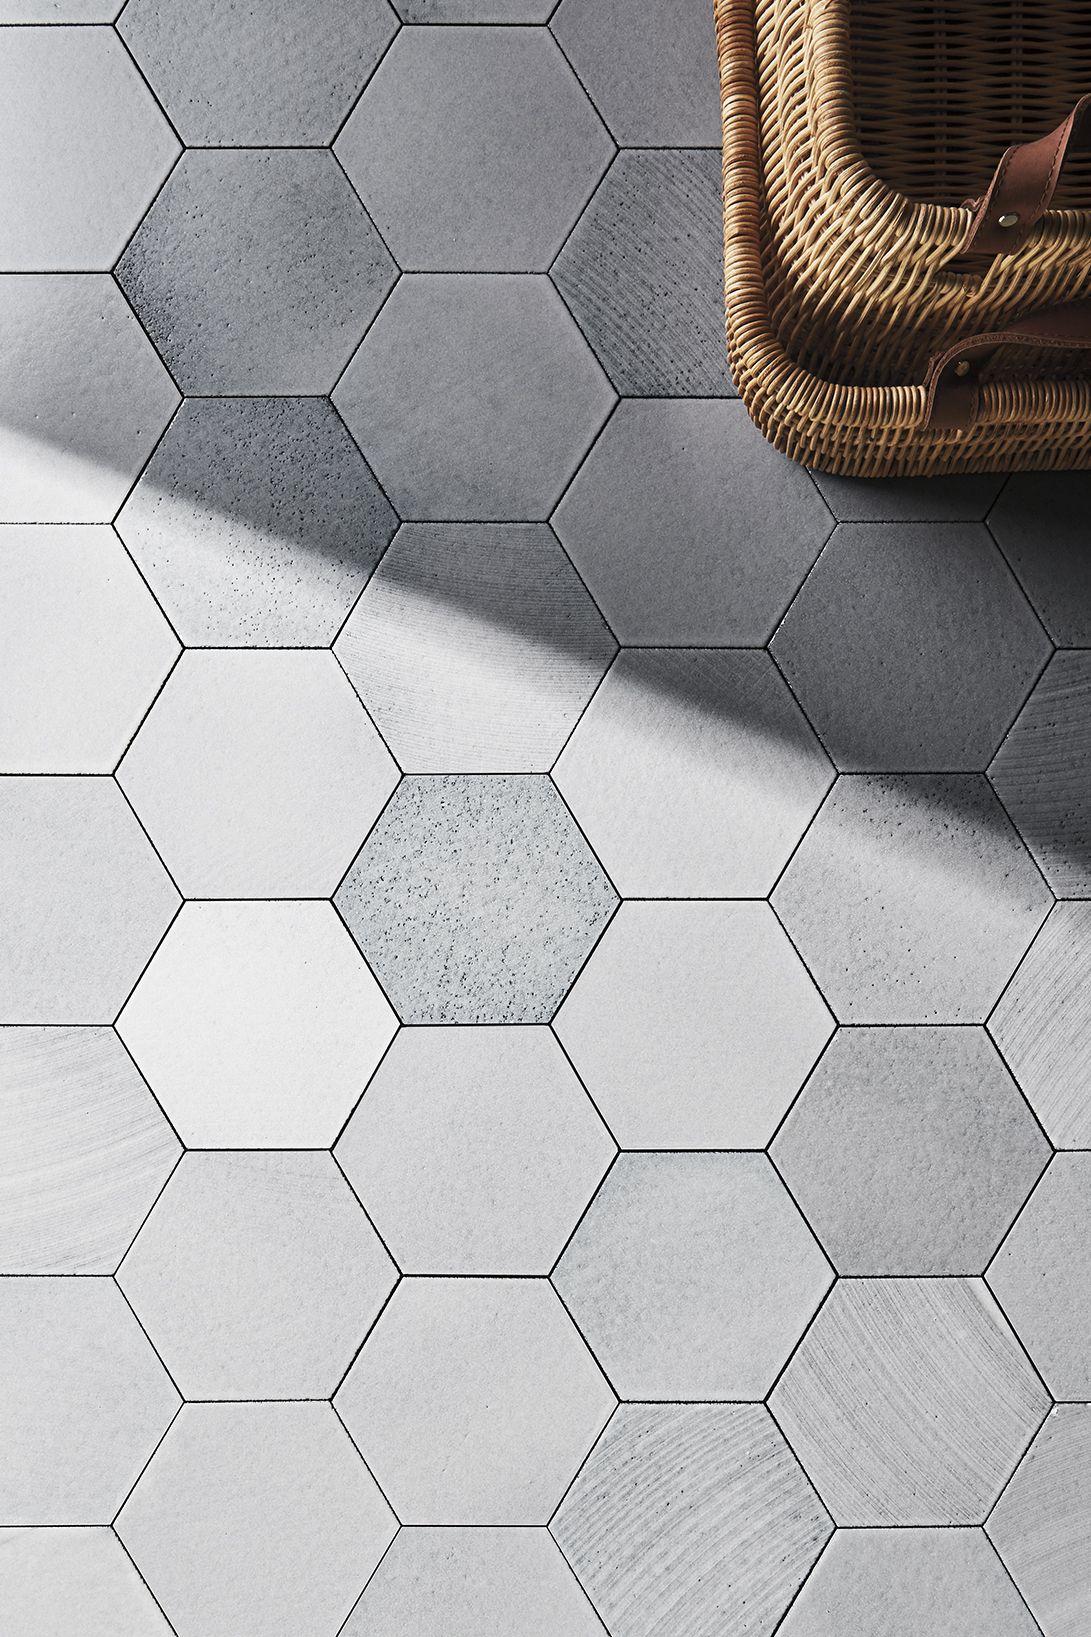 Magma 3 Hexagon Mosaic Hexagonal Mosaic Stone Shower Floor